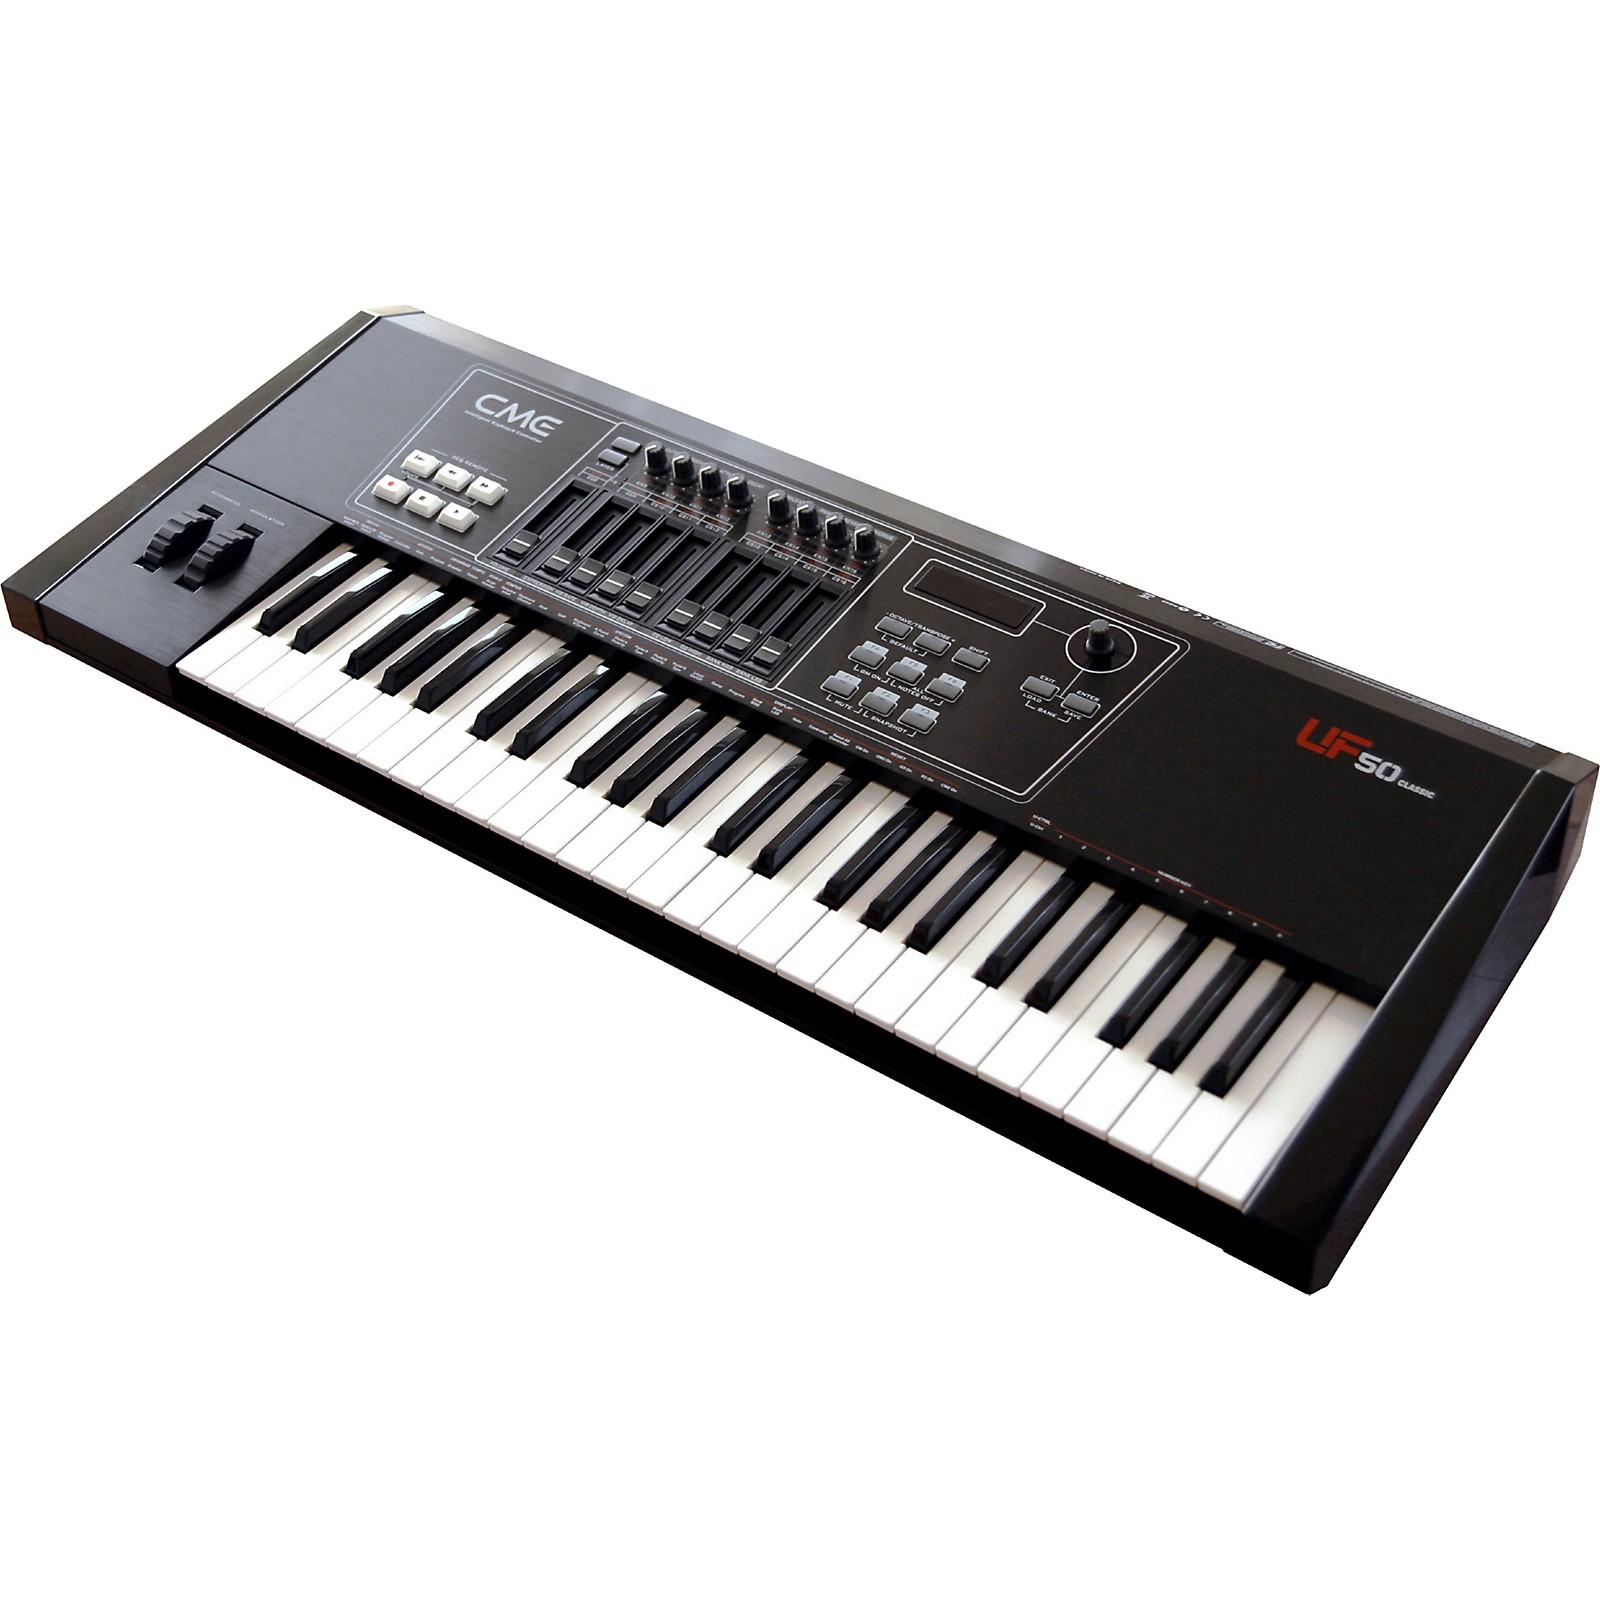 CME UF 50 Classic MIDI Controller